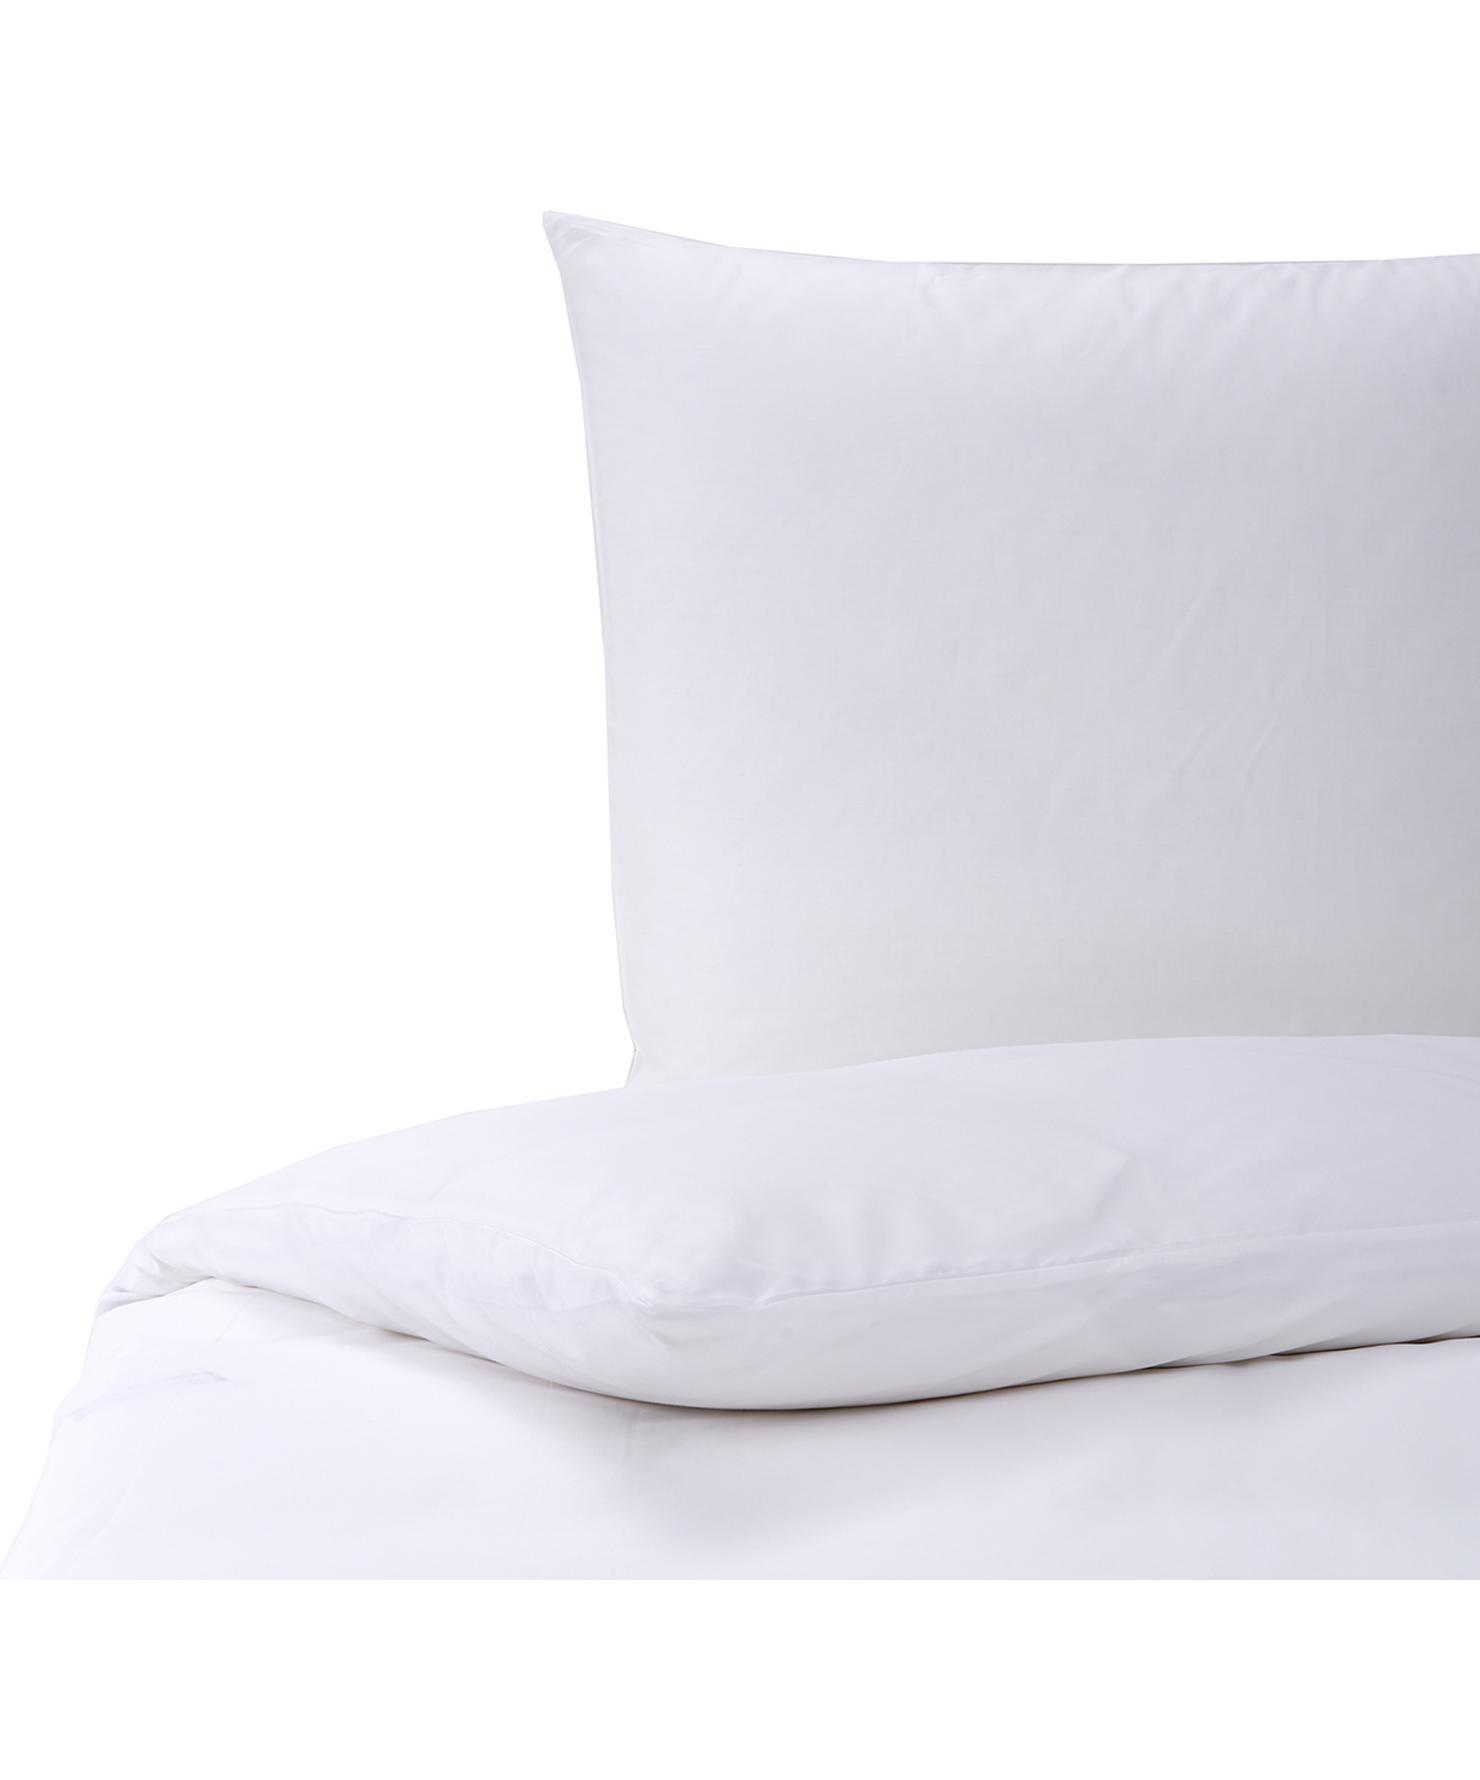 Mako-Satin Bettwäsche Marco in Weiß, Webart: Mako-Satin Fadendichte 21, Weiß, 135 x 200 cm + 1 Kissen 80 x 80 cm